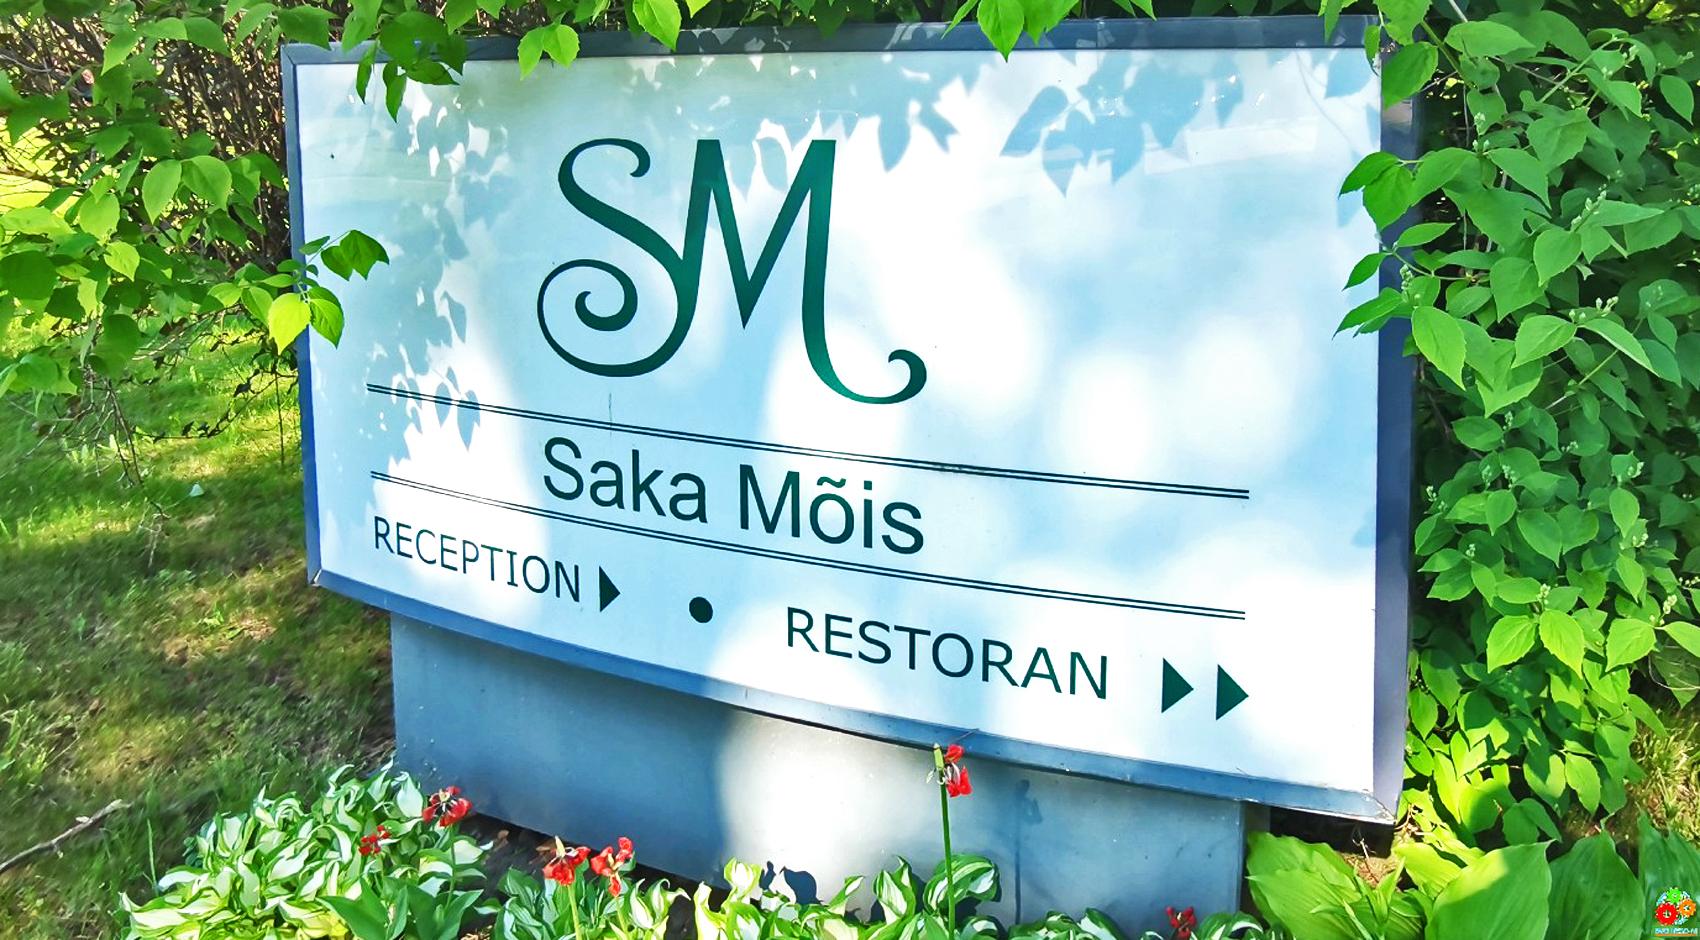 Мыза Сака — доброжелательное обслуживание, уютные интерьеры и живописная природа